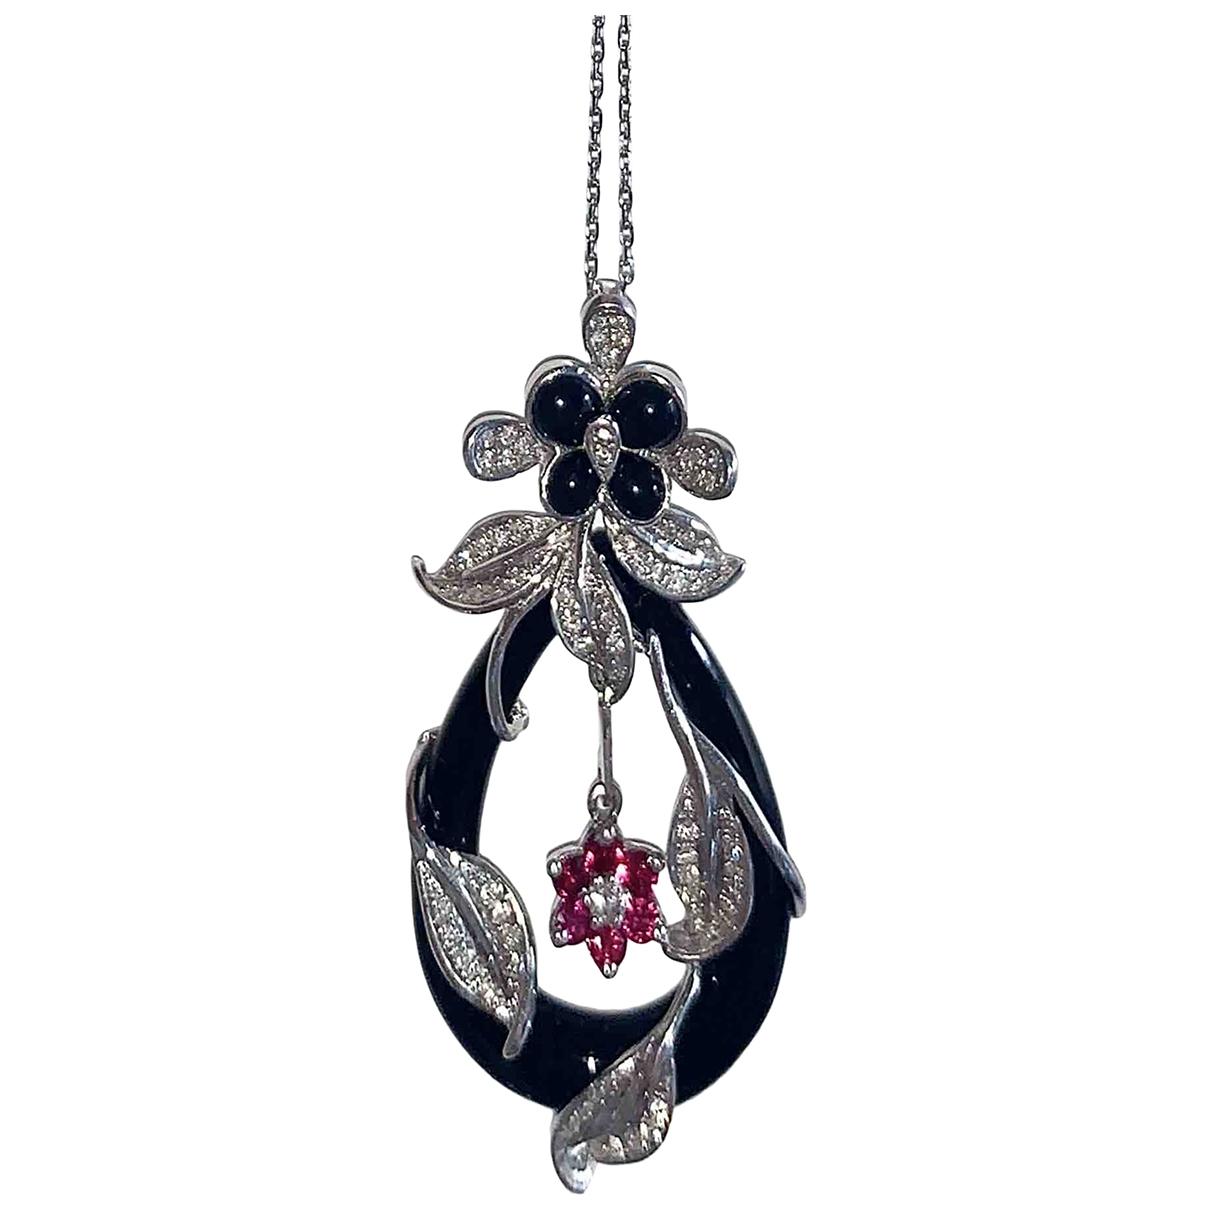 Eduard Kogen \N Black White gold pendant for Women \N